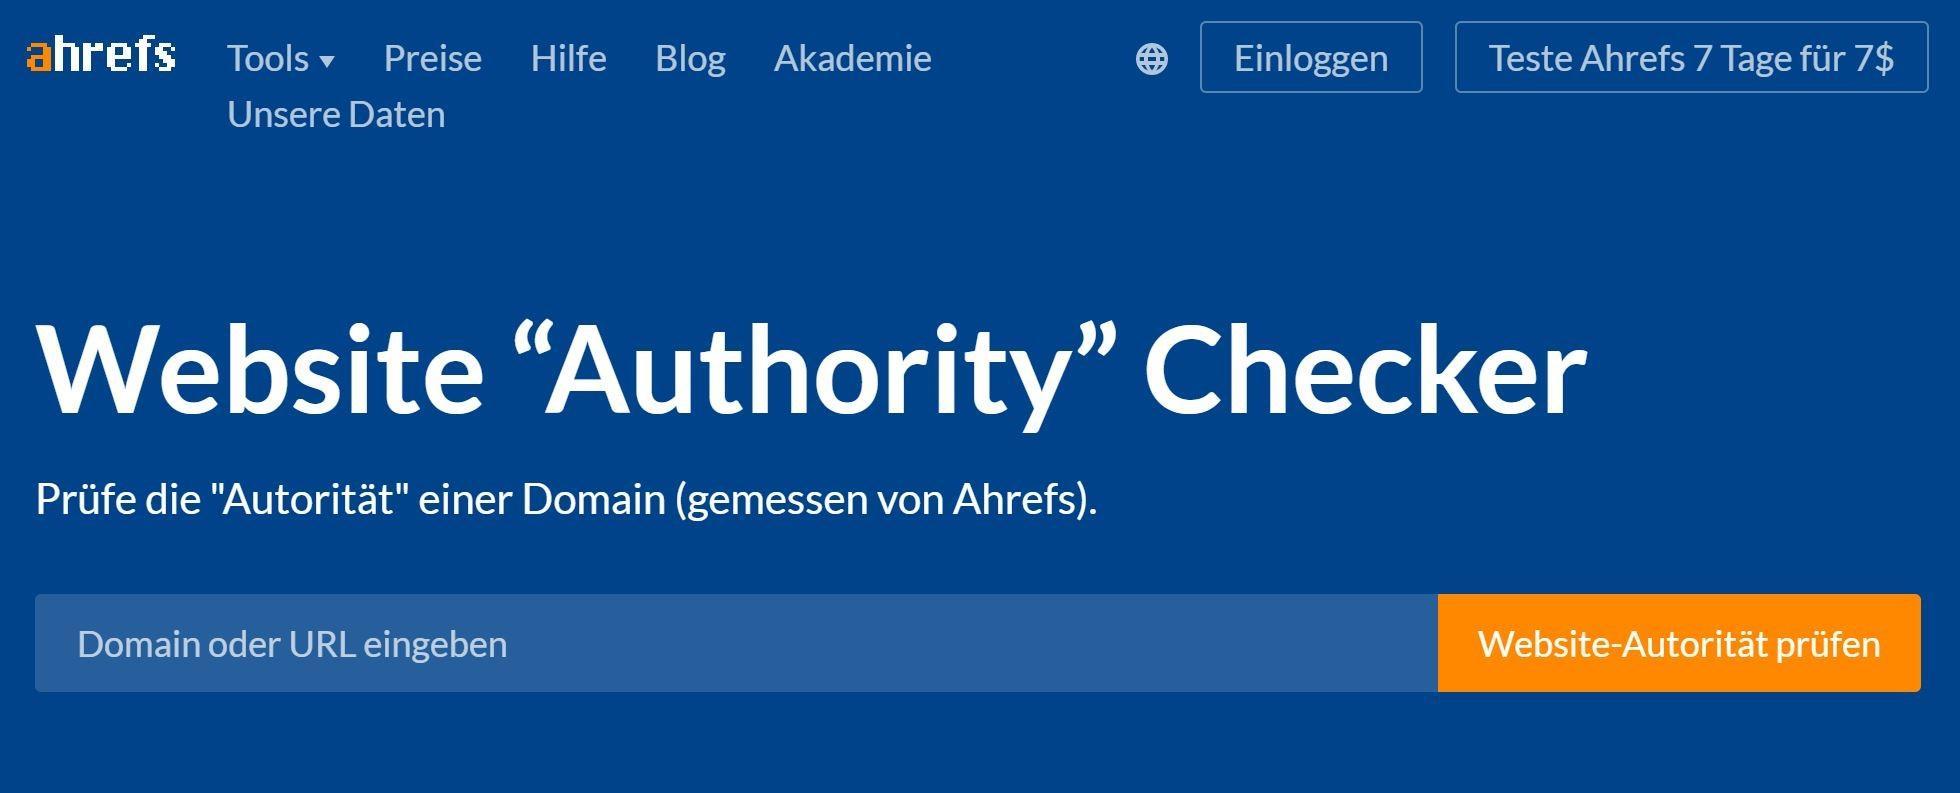 Website Authority Checker zur Konkurrenzanalyse